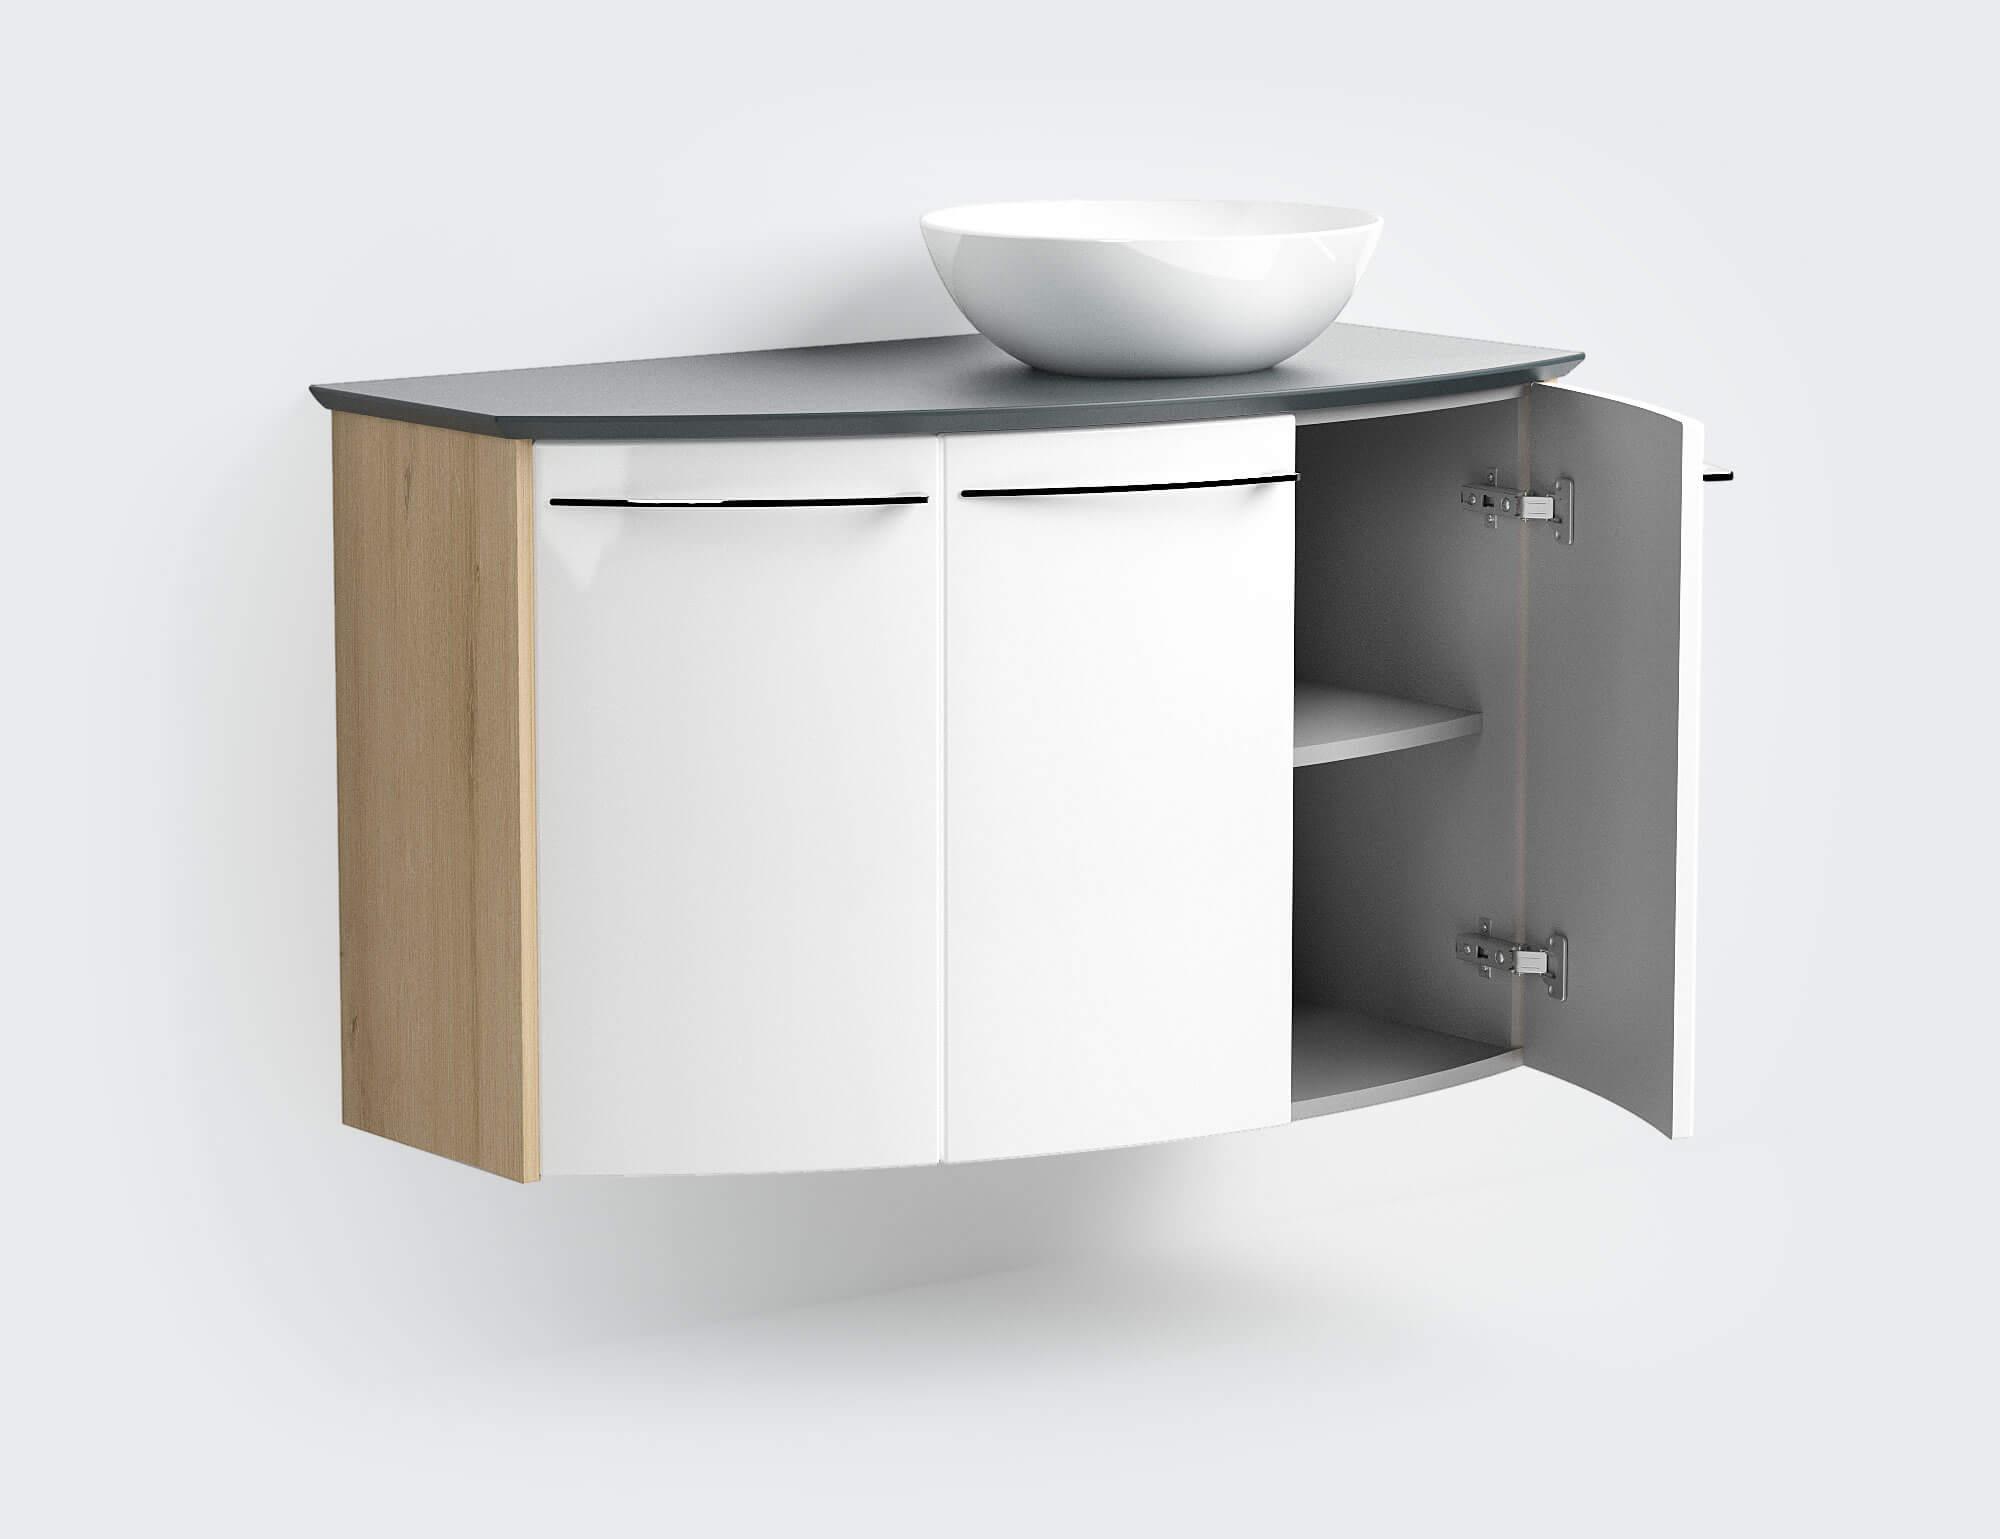 Utopia-bathrooms-furniture